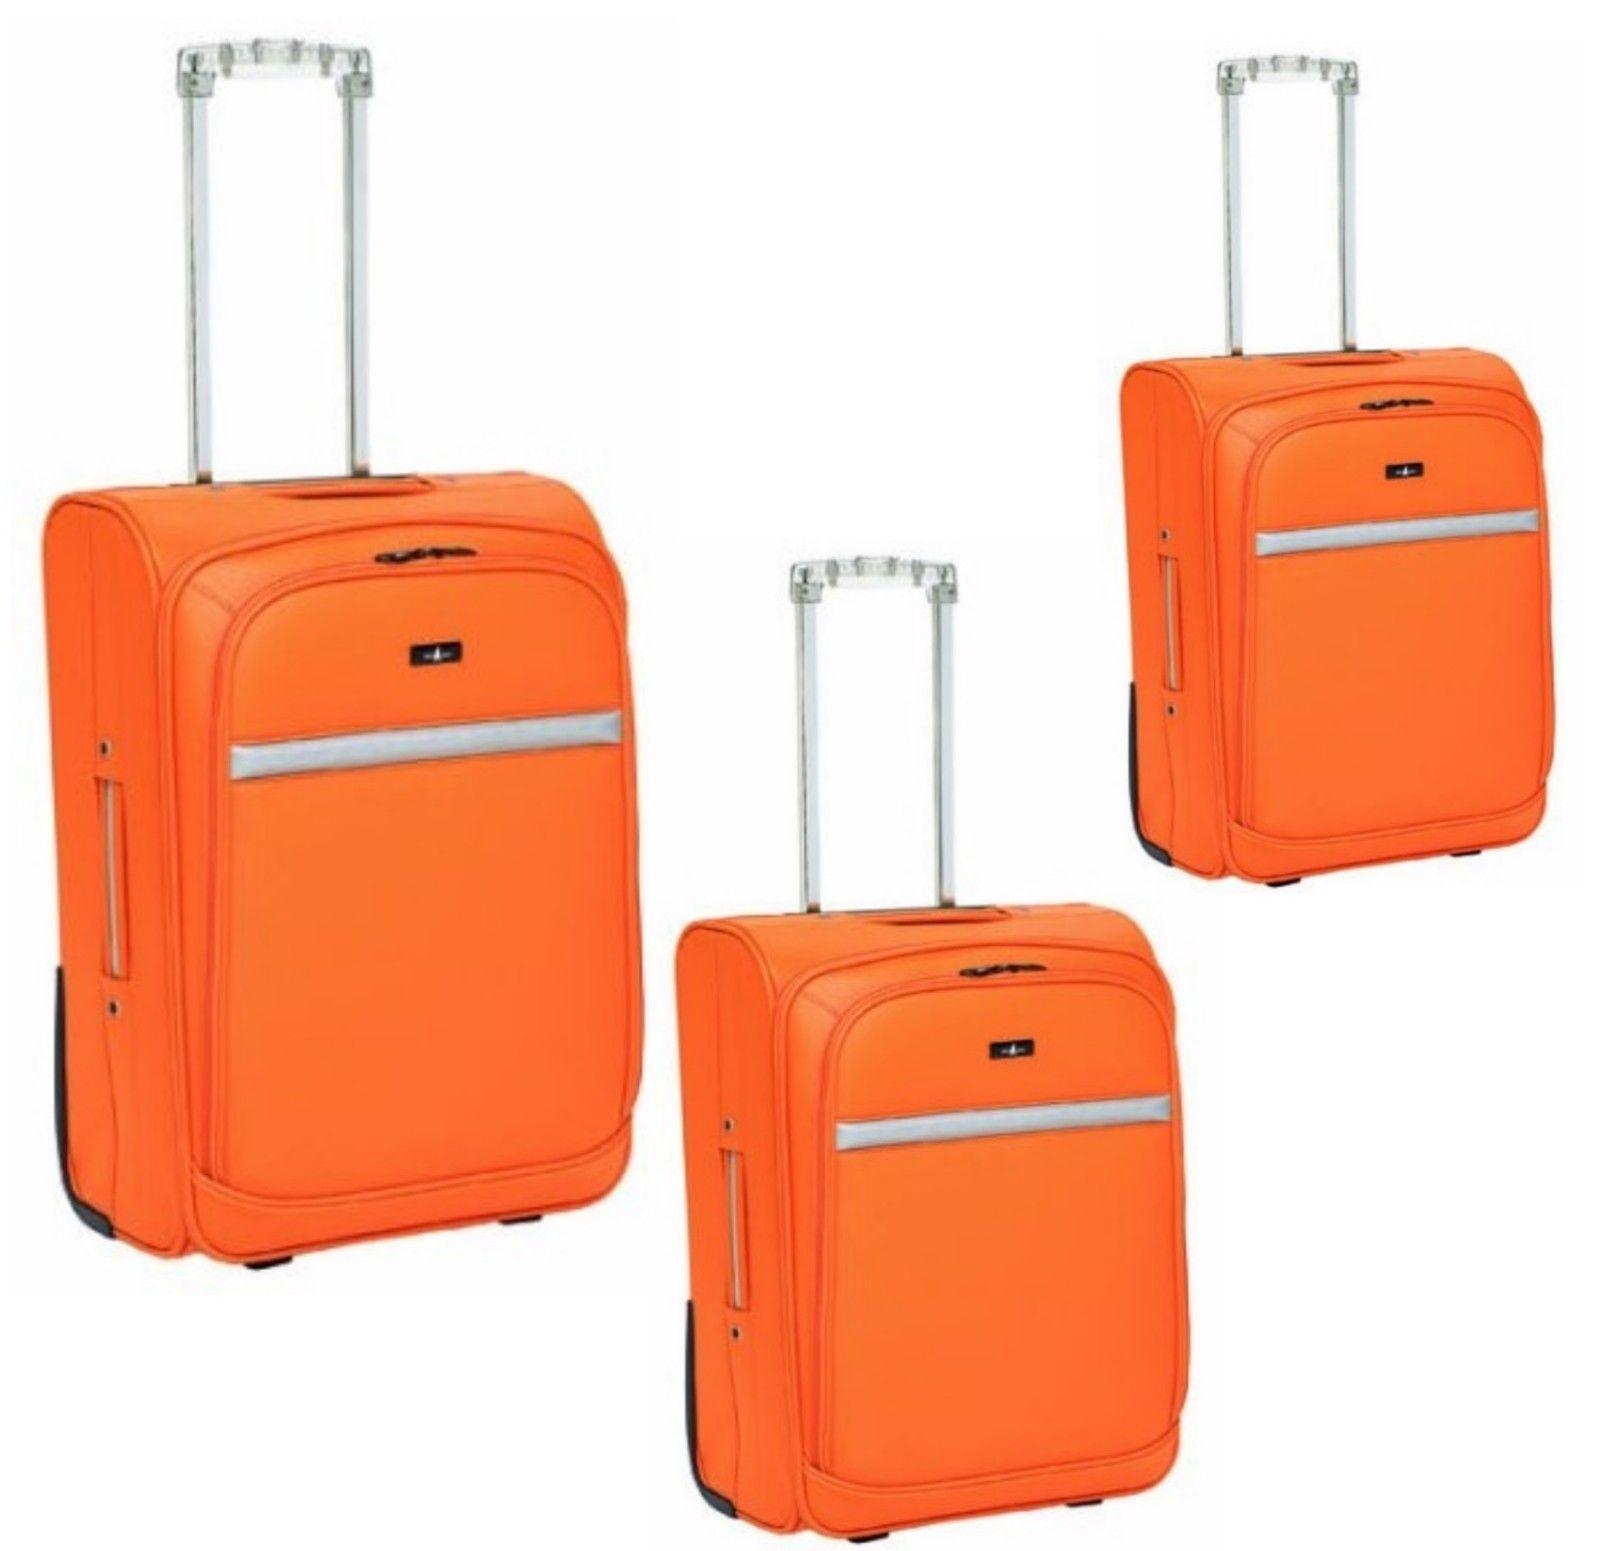 3Tlg Kofferset Reisekoffer Trolley Reisetasche Handgepäck Set Keine Hartschale